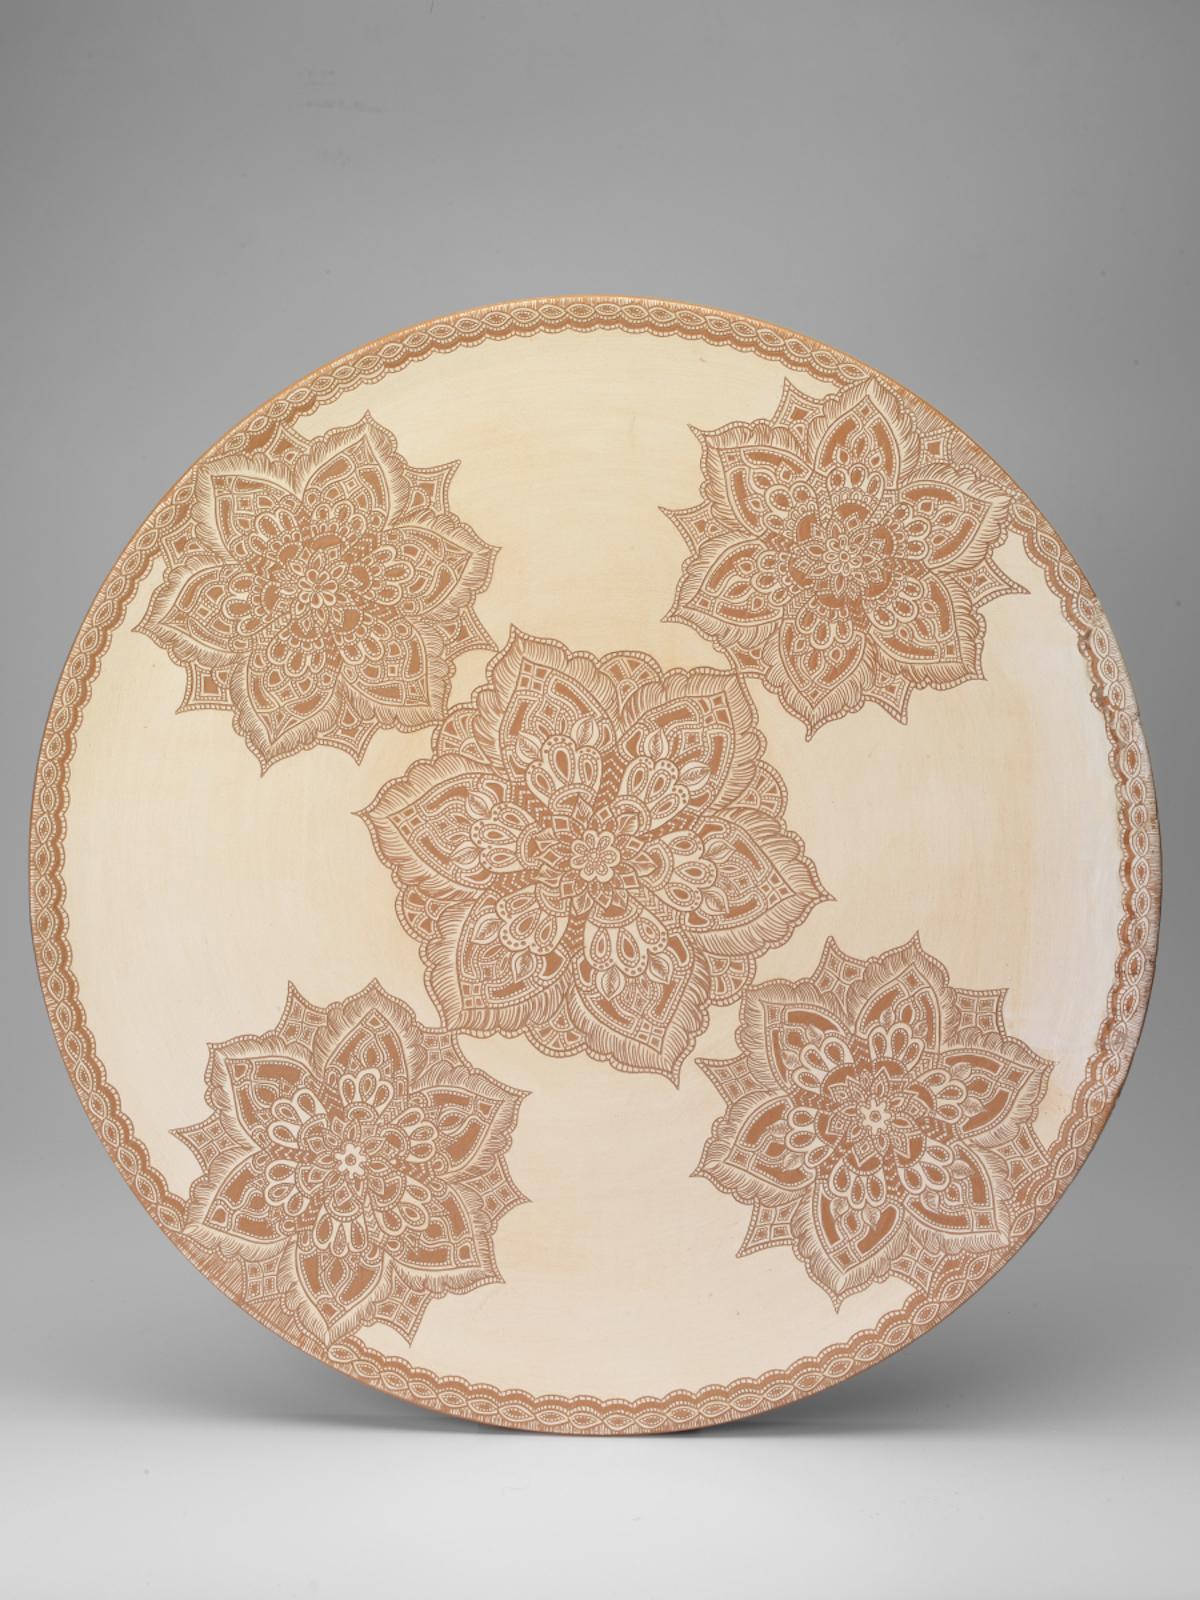 Ceramiche seminara Foto Immagine Latente